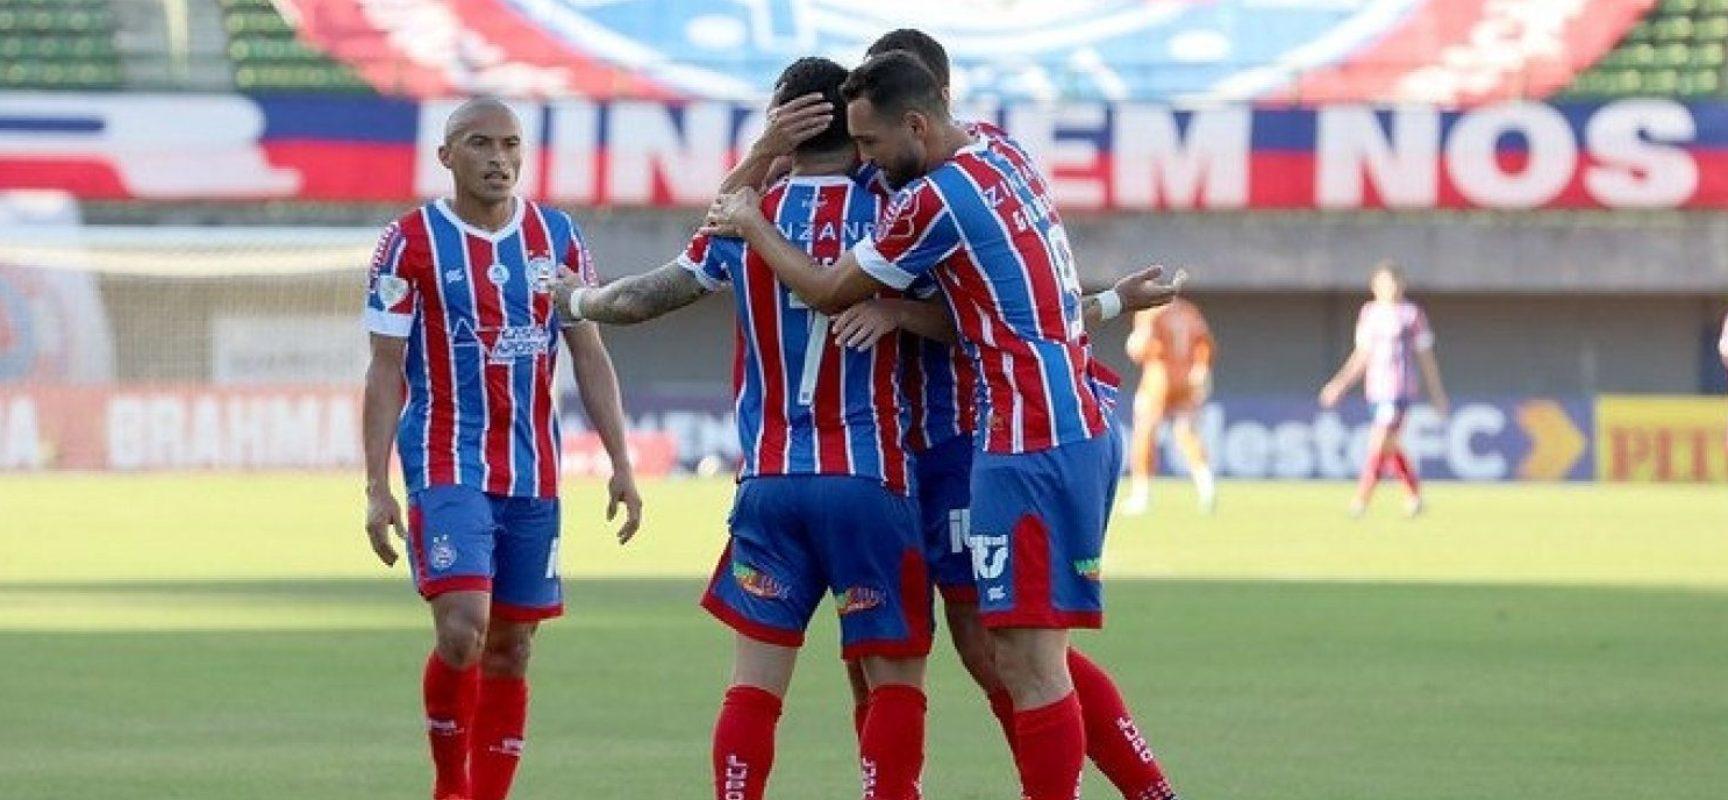 Gilberto marca quatro vezes e Bahia goleia o Altos-PI por 5 a 0